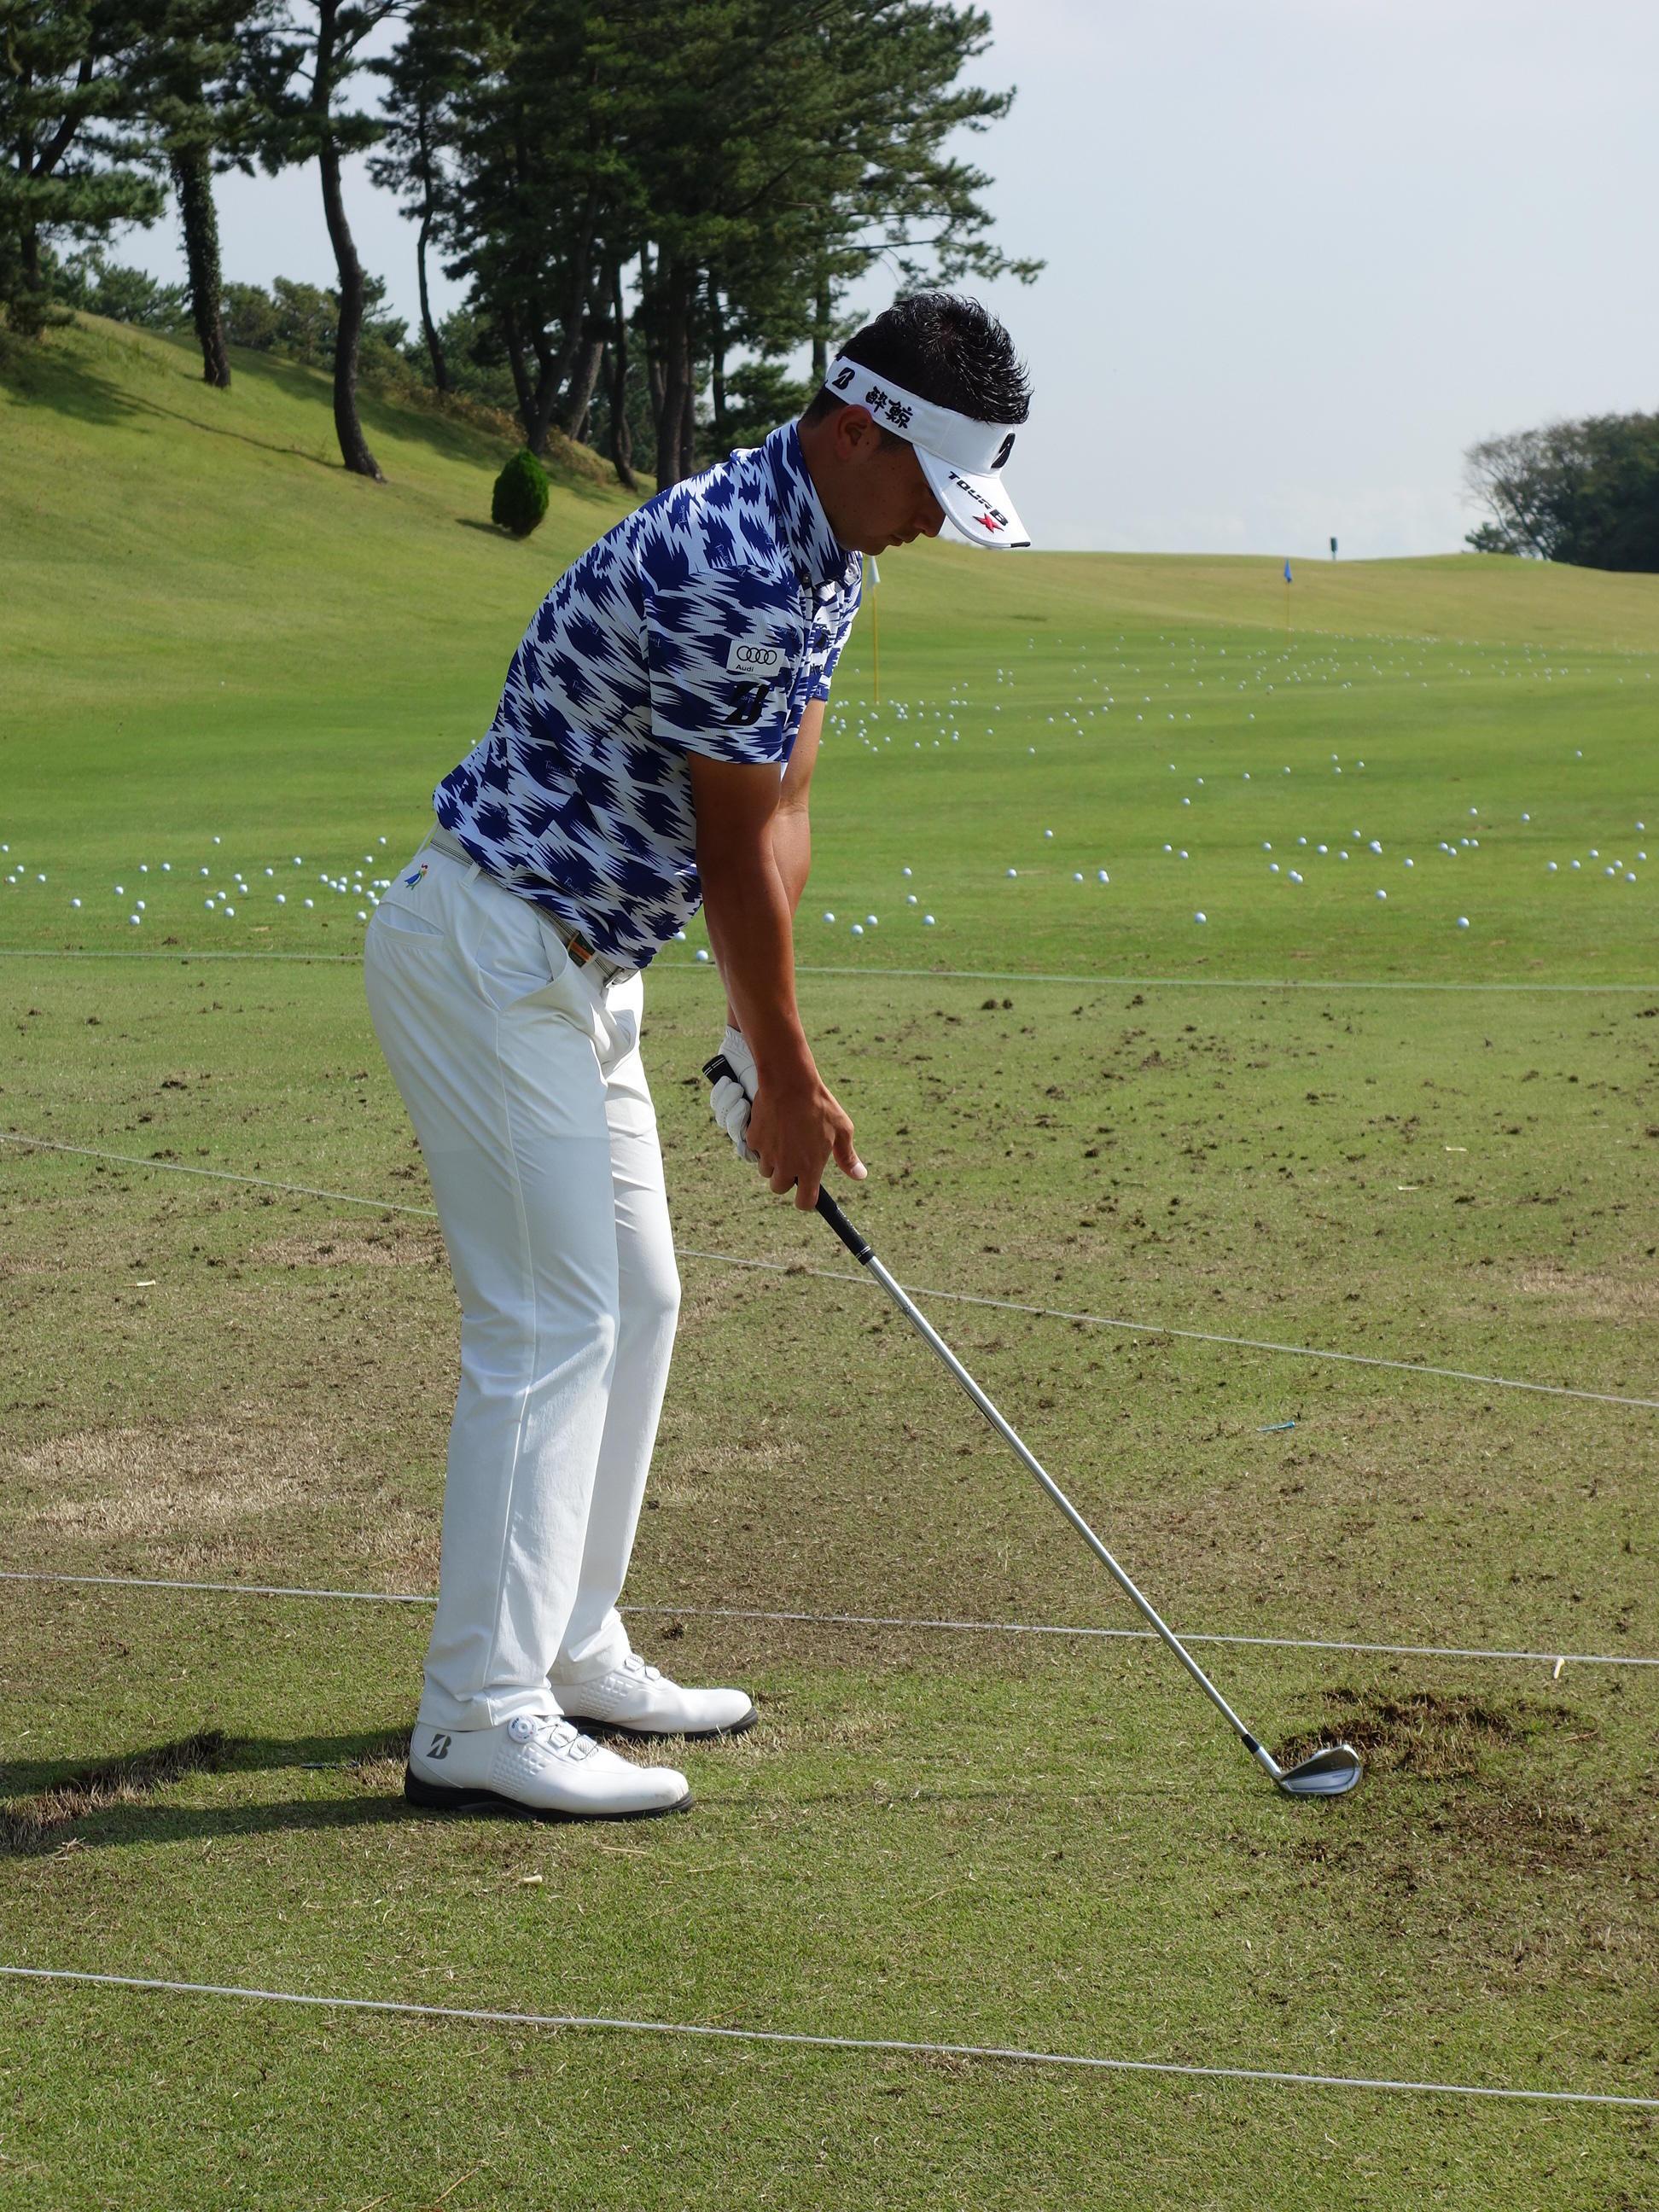 http://www.bs-golf.com/pro/563e5a2970ed5b7e6e34f381eb18c7b264210ca4.JPG